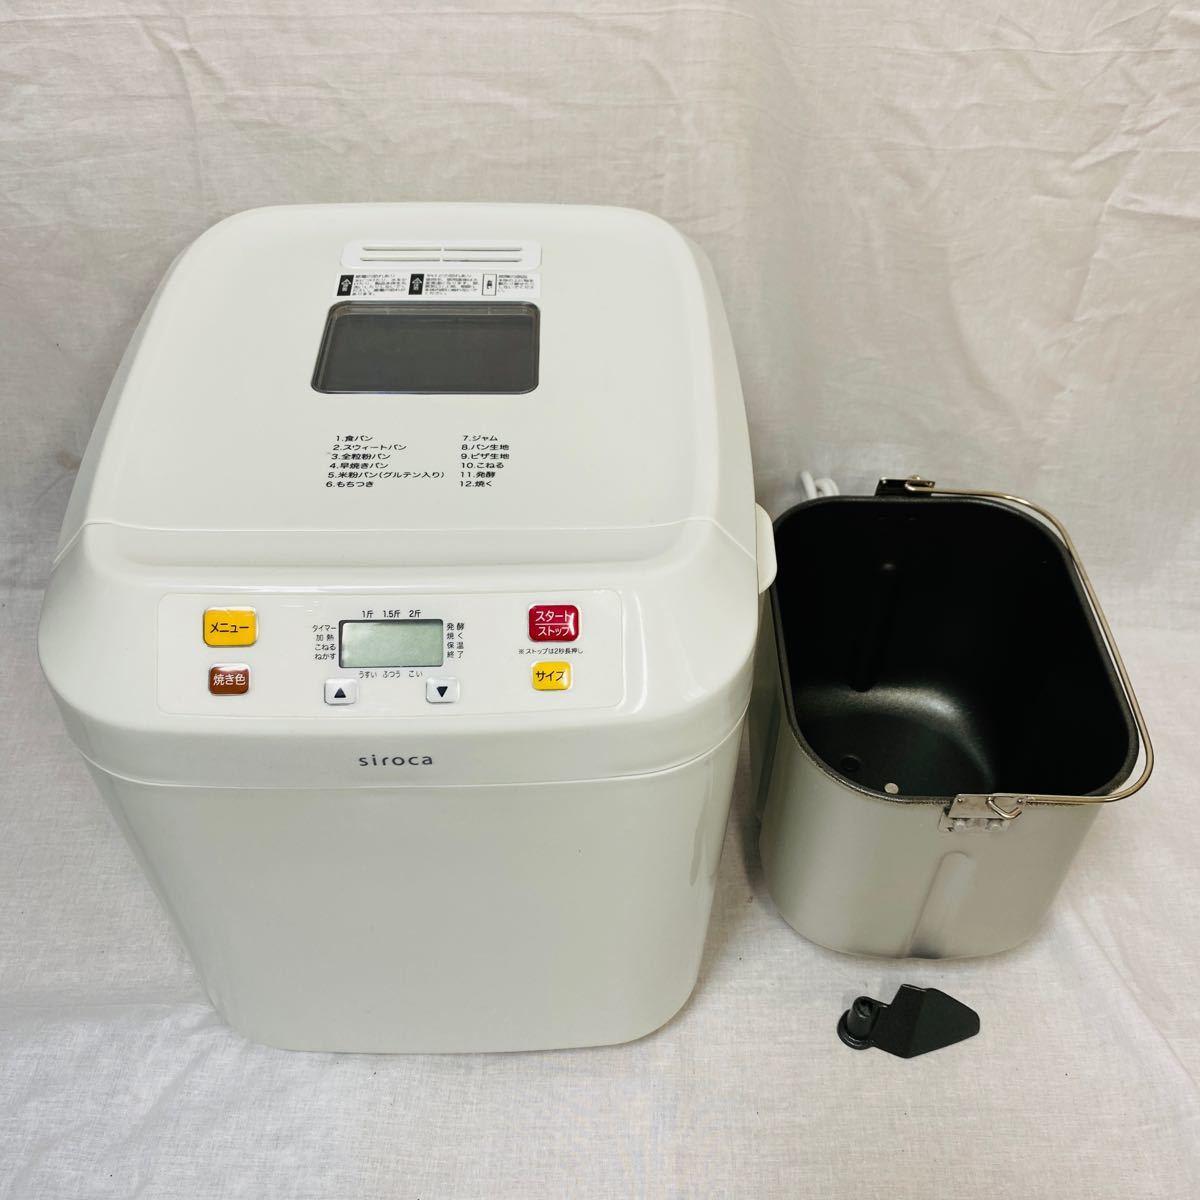 【美品】シロカ ホームベーカリー shb-112 2斤OK! siroca